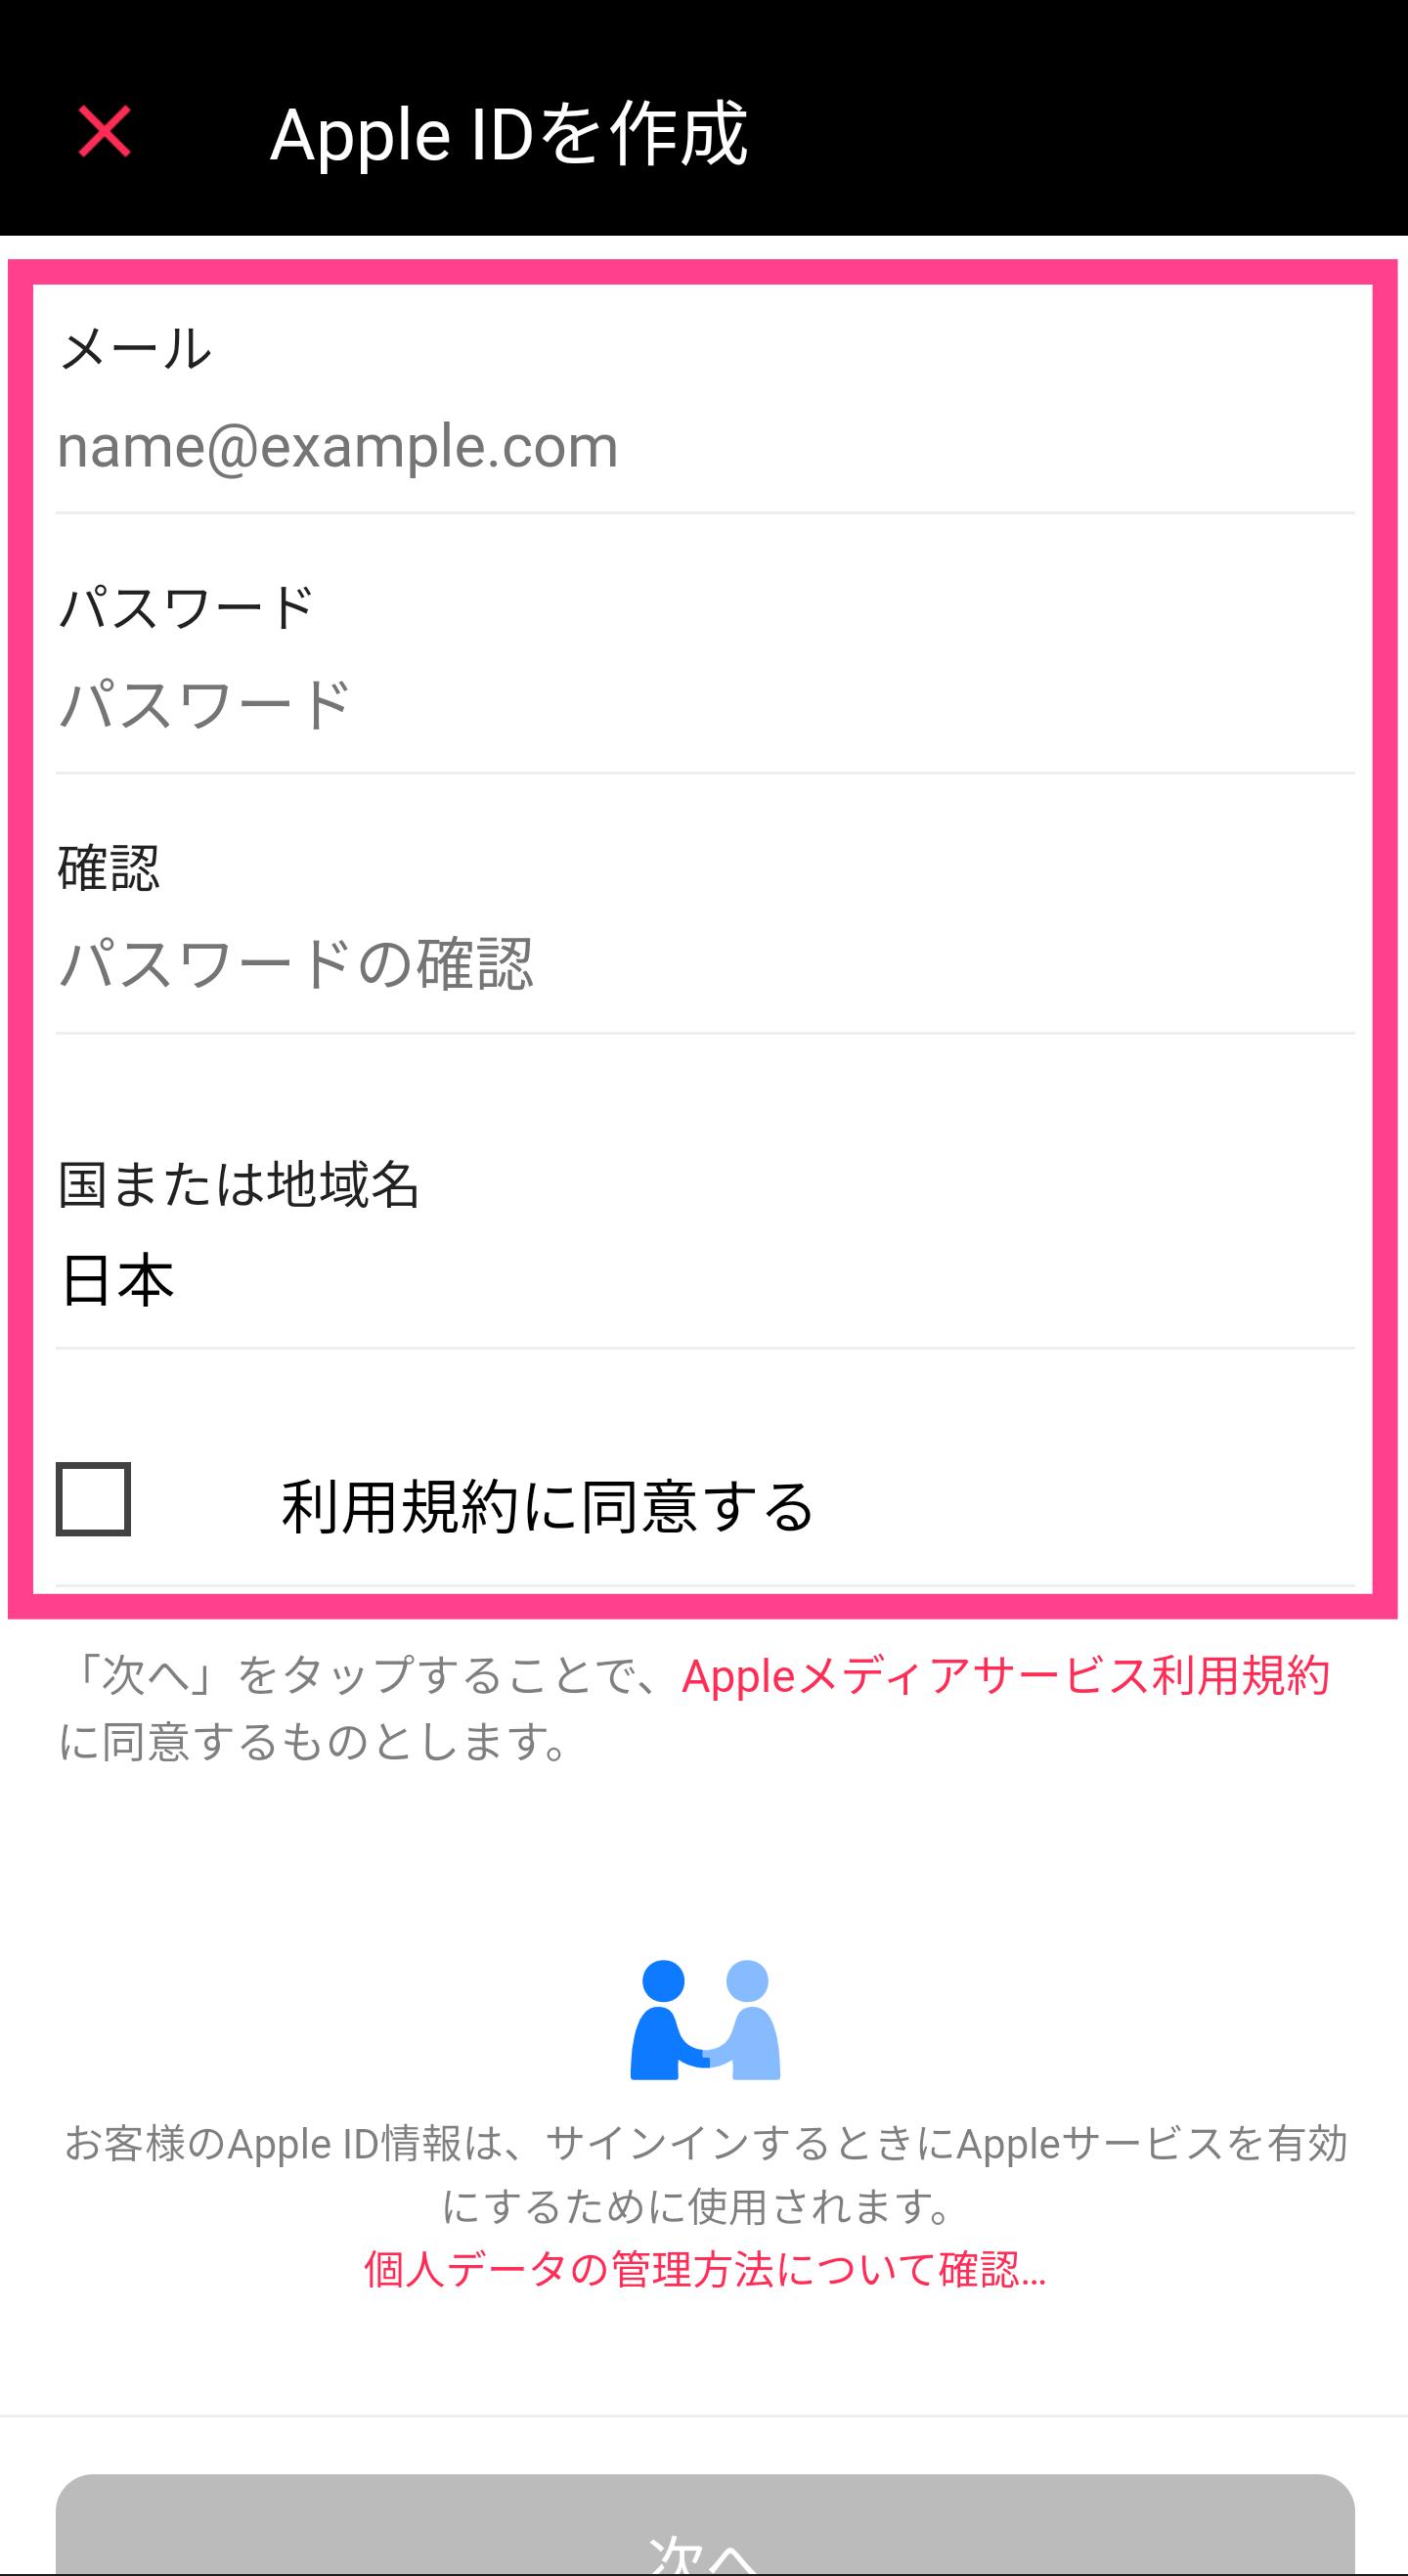 Apple IDアプリでの作成画面